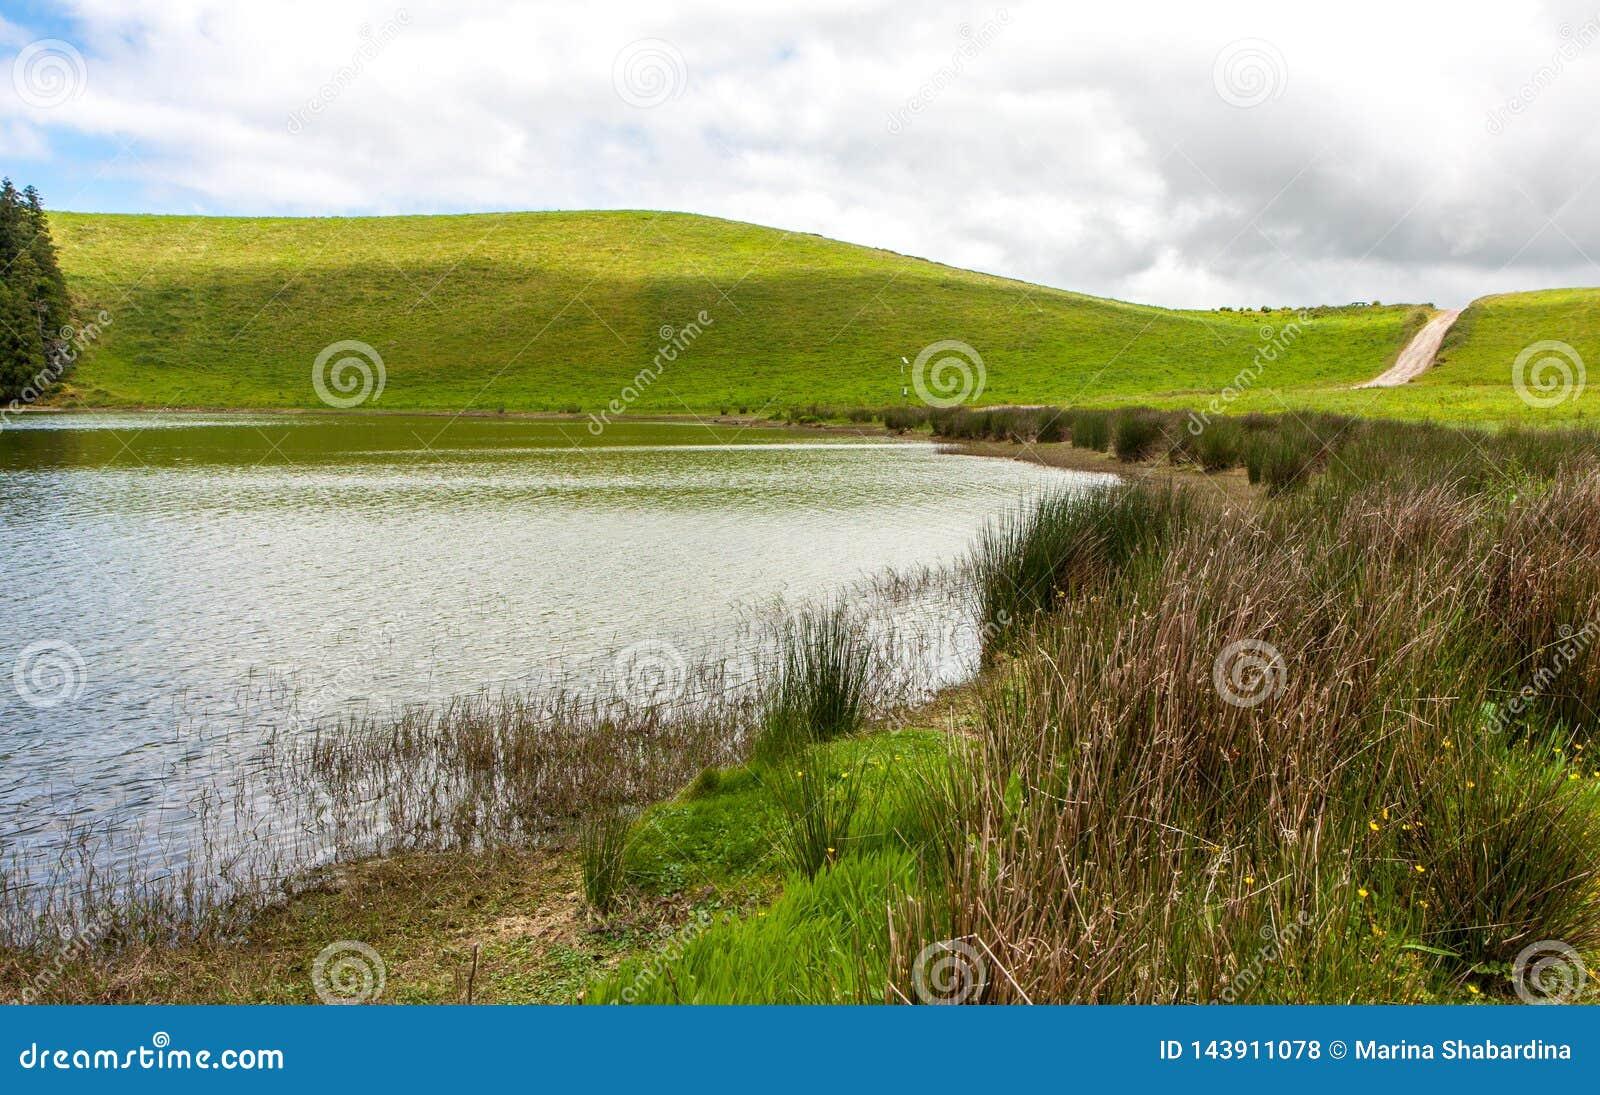 Paisagem bonita em um dia nebuloso ensolarado, com um lago, uma estrada, uns montes e umas plantas